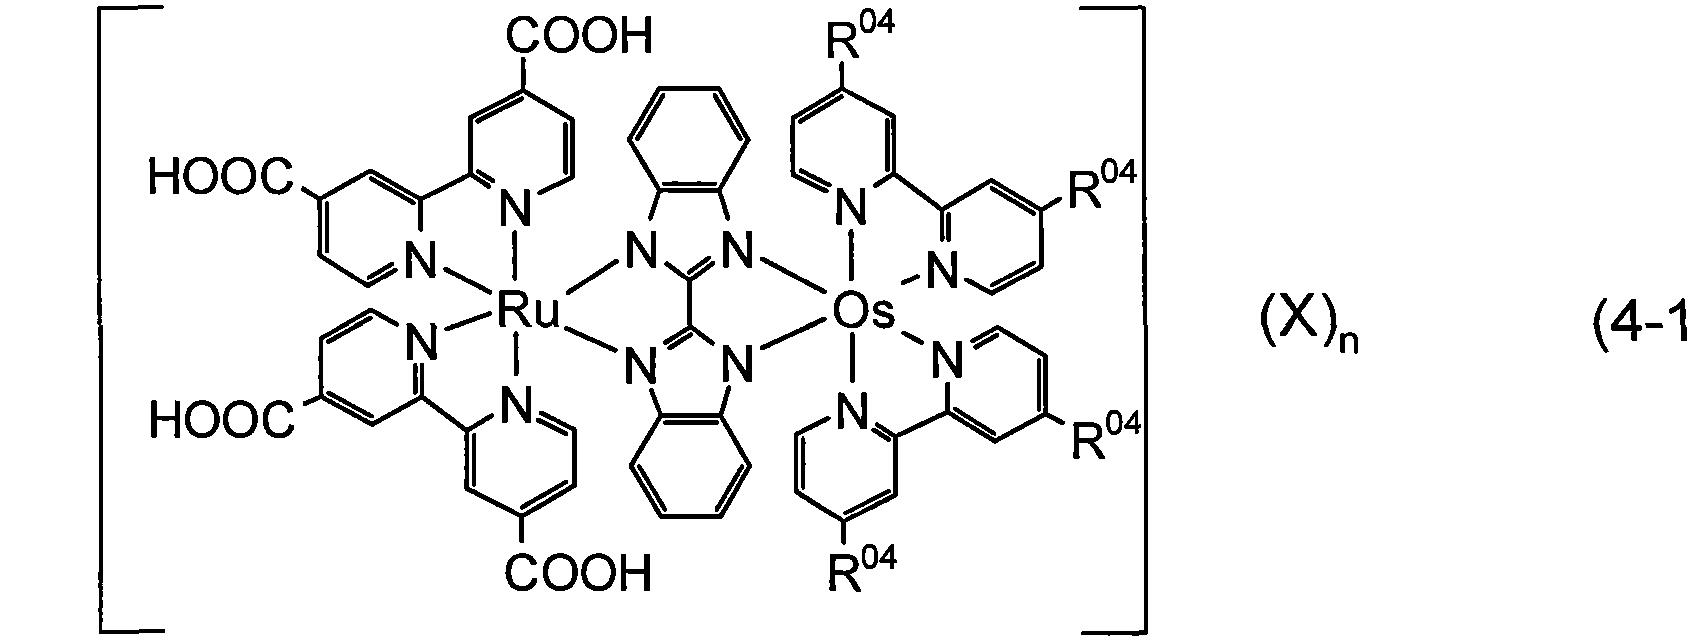 [0127] 其中,R4如上述所定义、代表作为抗? 离子的一价阴离子,Y代表卤素原子。 [0128] 该抗? 离子(X)不局限于一价阴离子,其它络合物染料可以用如上所述的相同方 式合成。 [0129] 单核锇络合物可以是经由一种单核锇络合物前体合成。该合成物中间体(即由如 上所述的通式(4-所表示的该单核锇络合物前体)和由如上所述的通式(4-所表示的该单核锇络合物都是新型化合物。 [0130] 由通式(4-所表示的单核锇络合物染料可以具有一个Ml质子,如通式(4-4)所表不。 [0131] 在